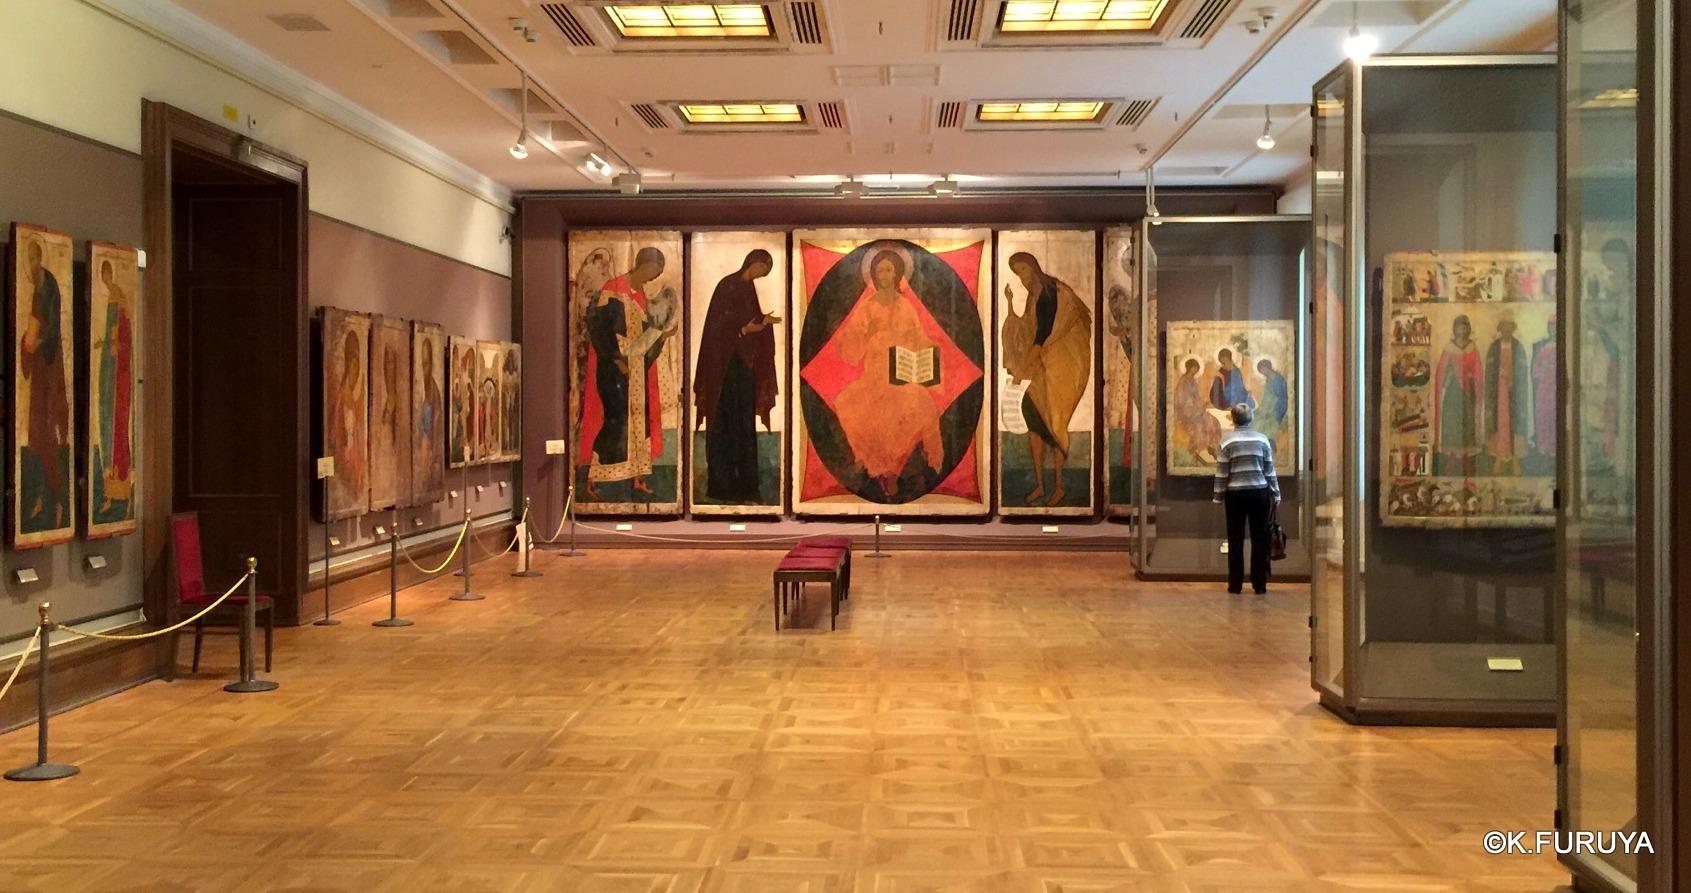 ロシアの旅 24 トレチャコフ美術館 Ⅲ イコン_a0092659_19151023.jpg